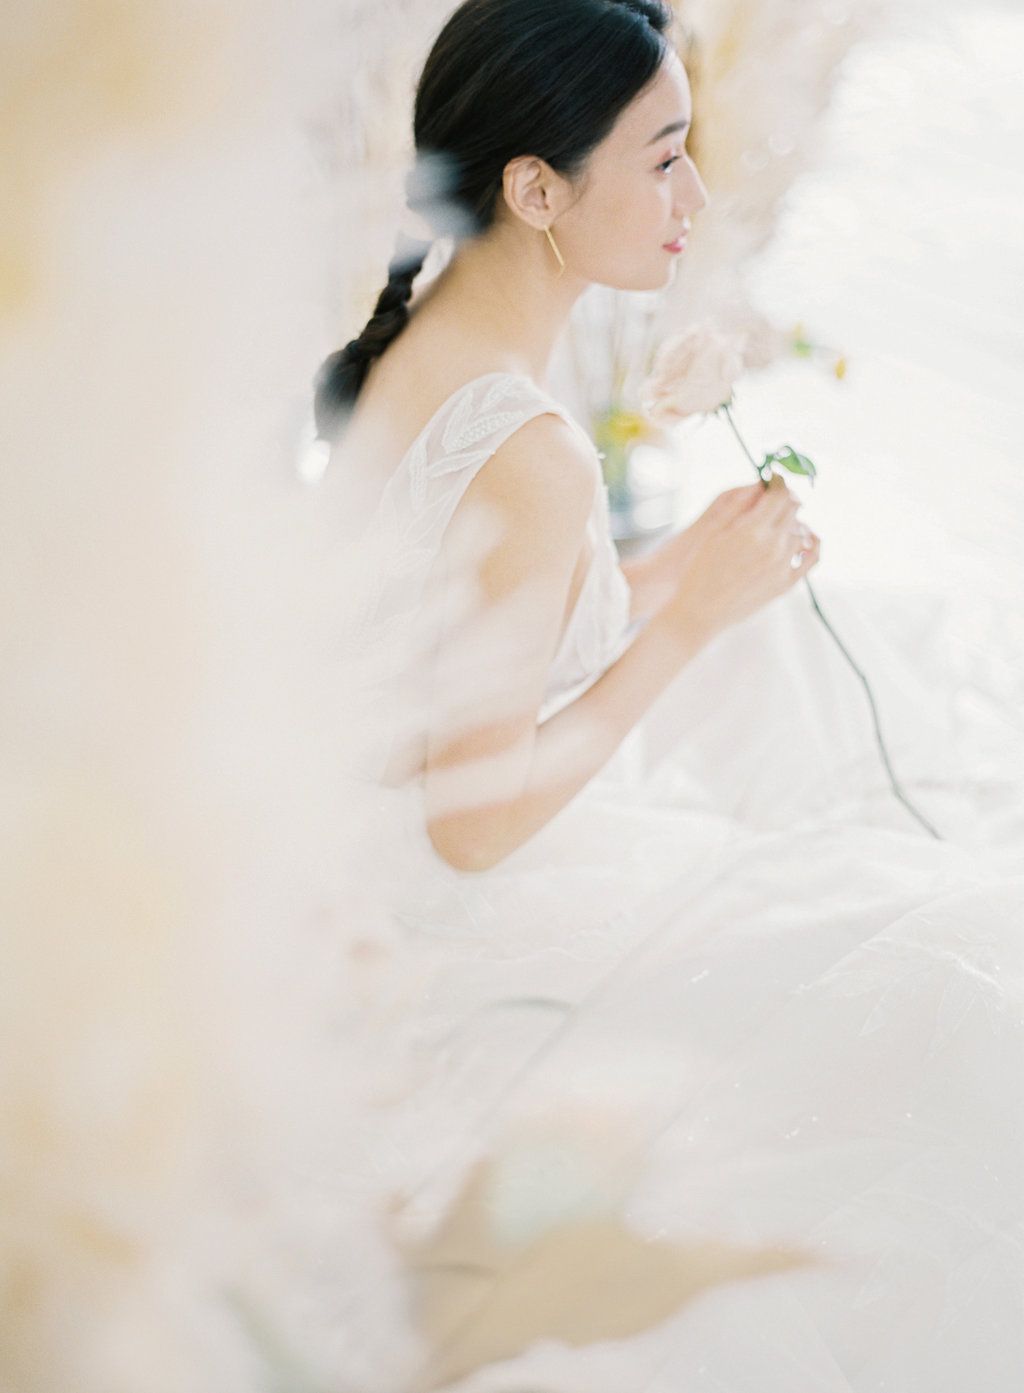 Weddingprep_086.jpg